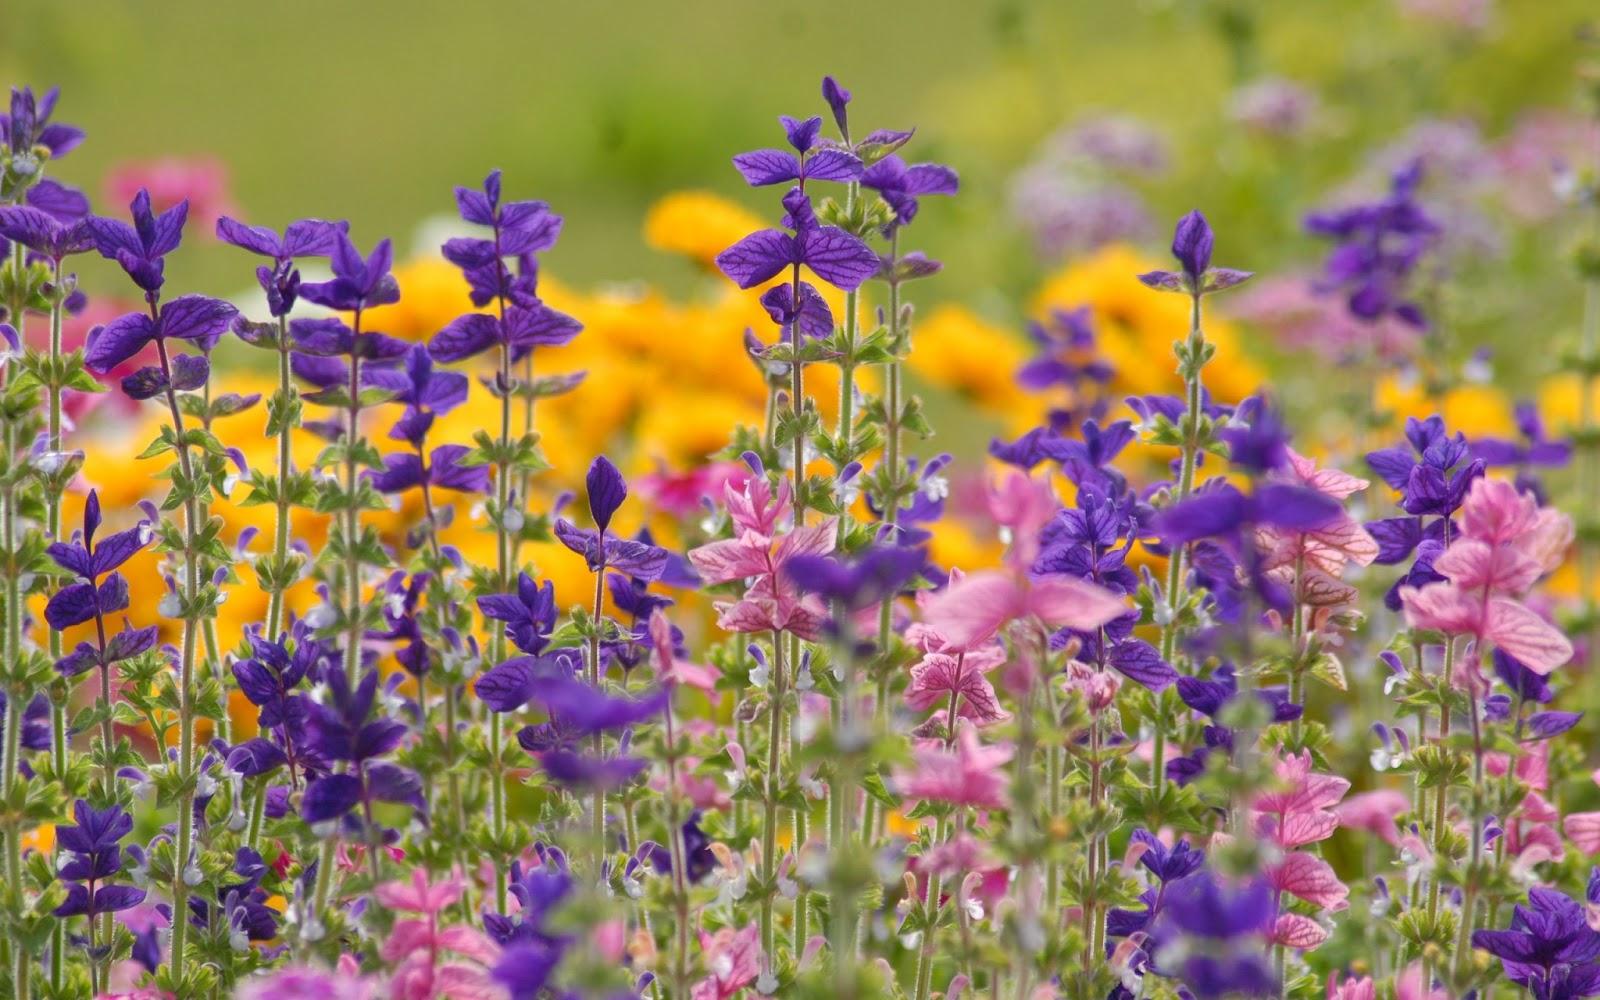 Imagenes De Fondo Flores Para Pantalla Hd 2: Descarga Fondos HD: Fondo De Pantalla Flores